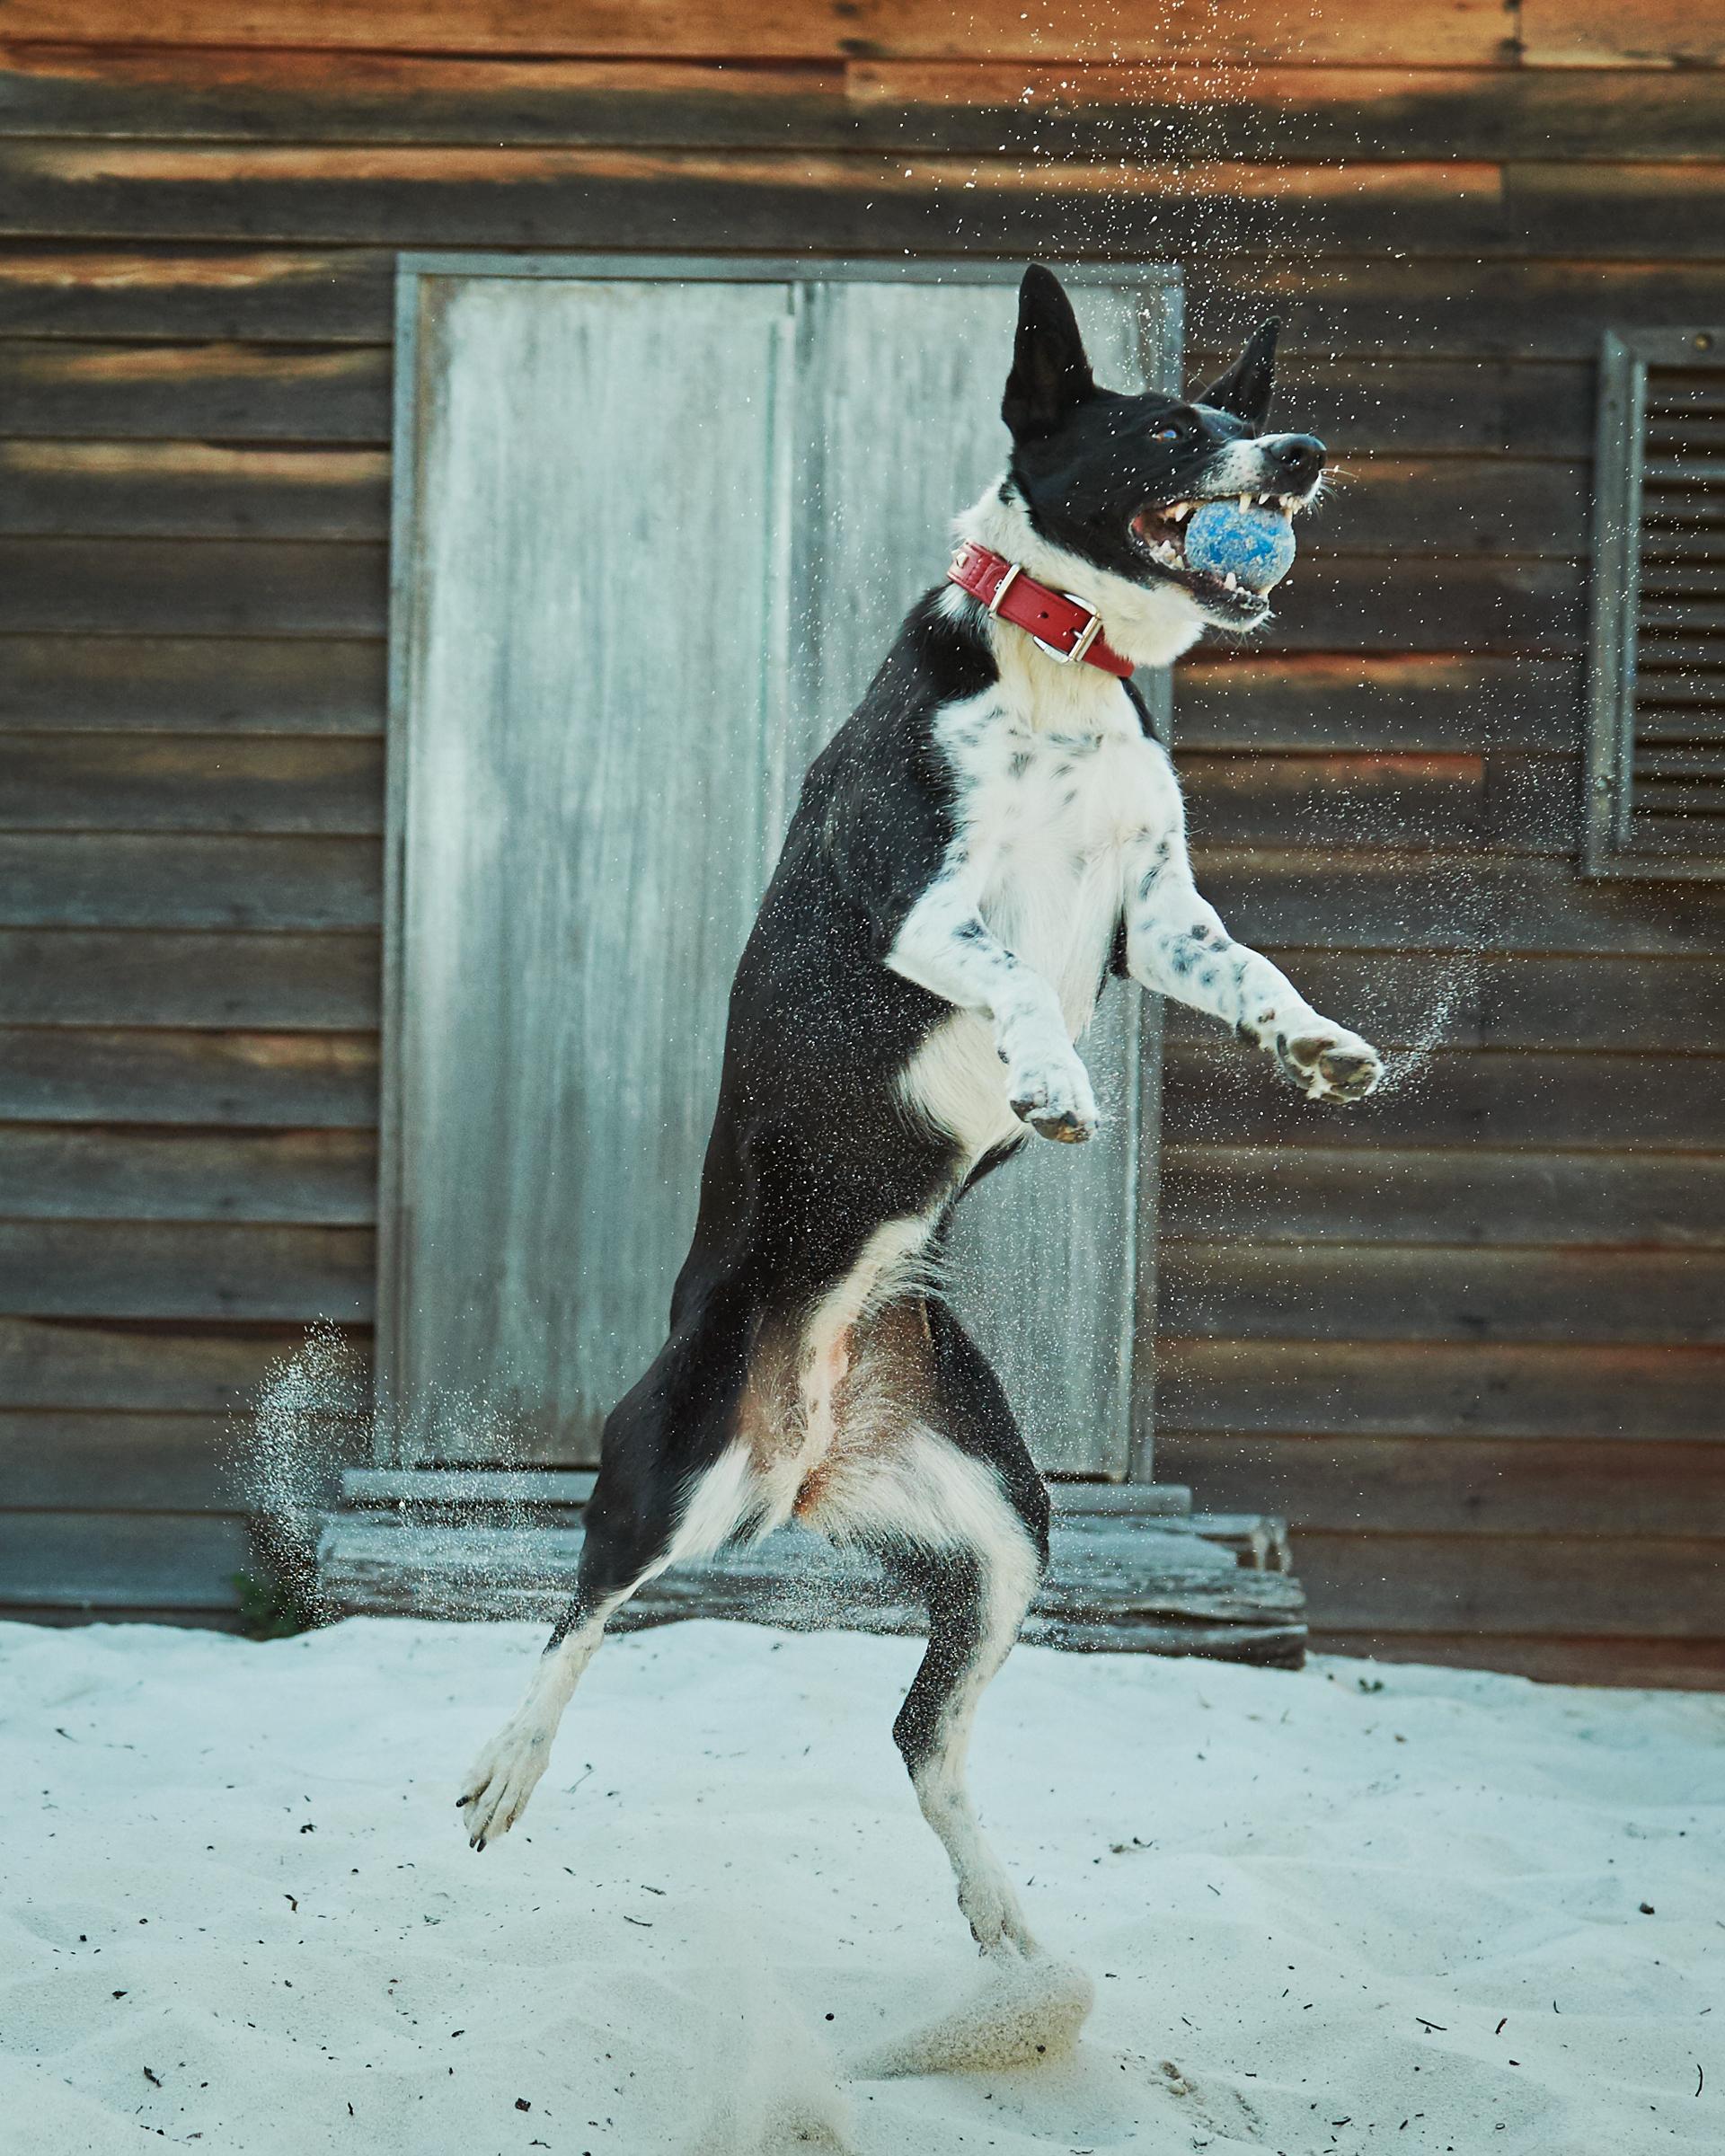 jumping_pet_dog_four_paws_portrait